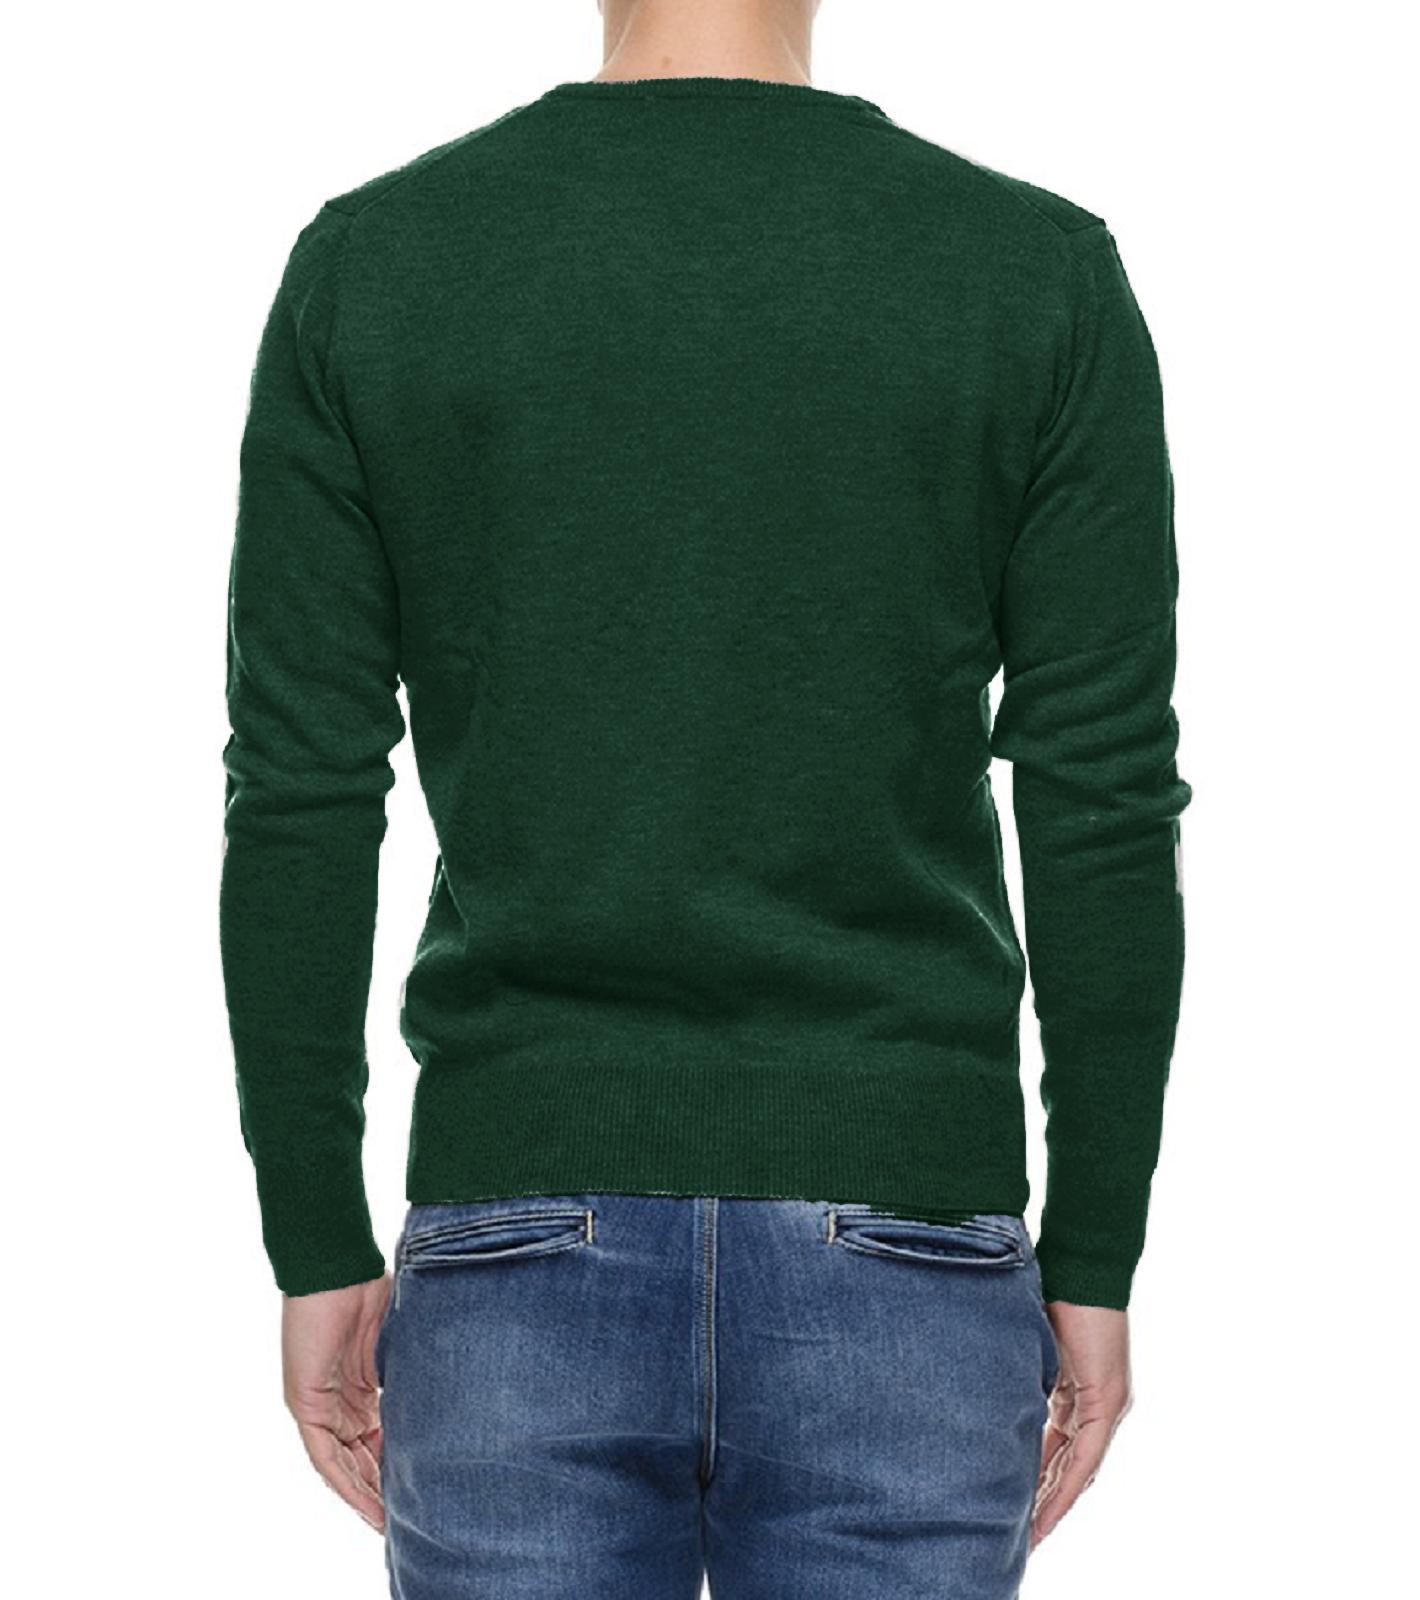 Maglione-Uomo-Scollo-a-V-Maglioncino-Slim-Fit-Maglia-Blu-Nero-Verde-Grigio miniatura 16